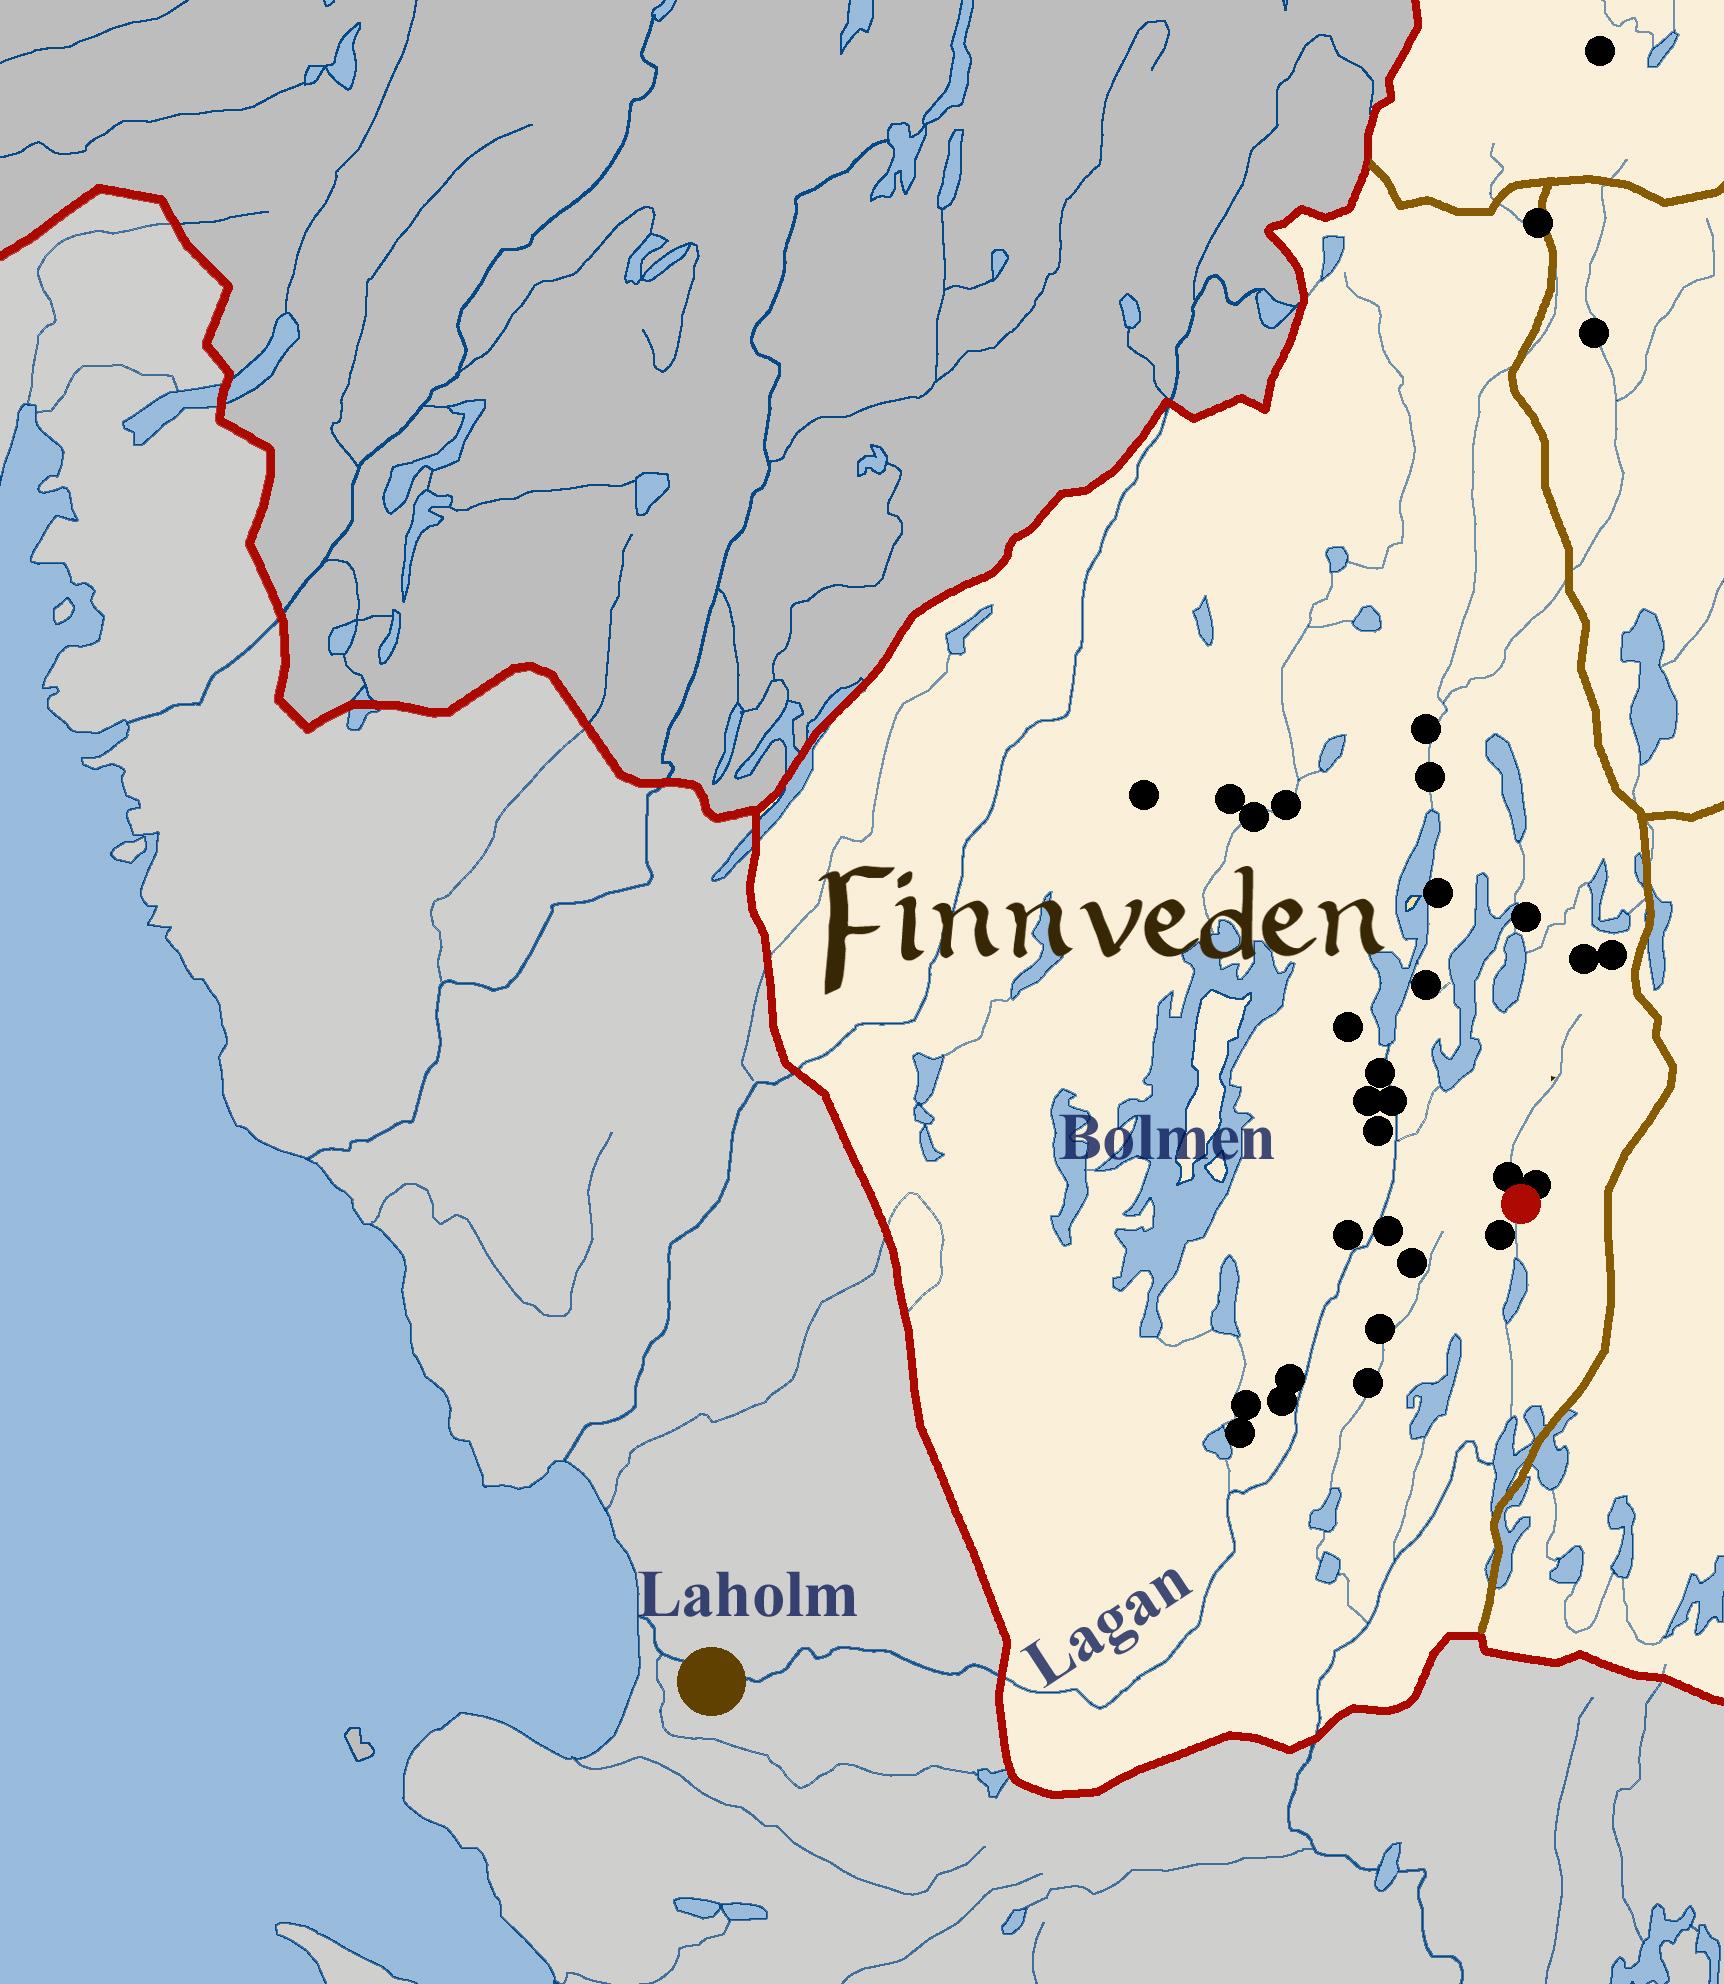 D11 Finnvedsrundan 2021